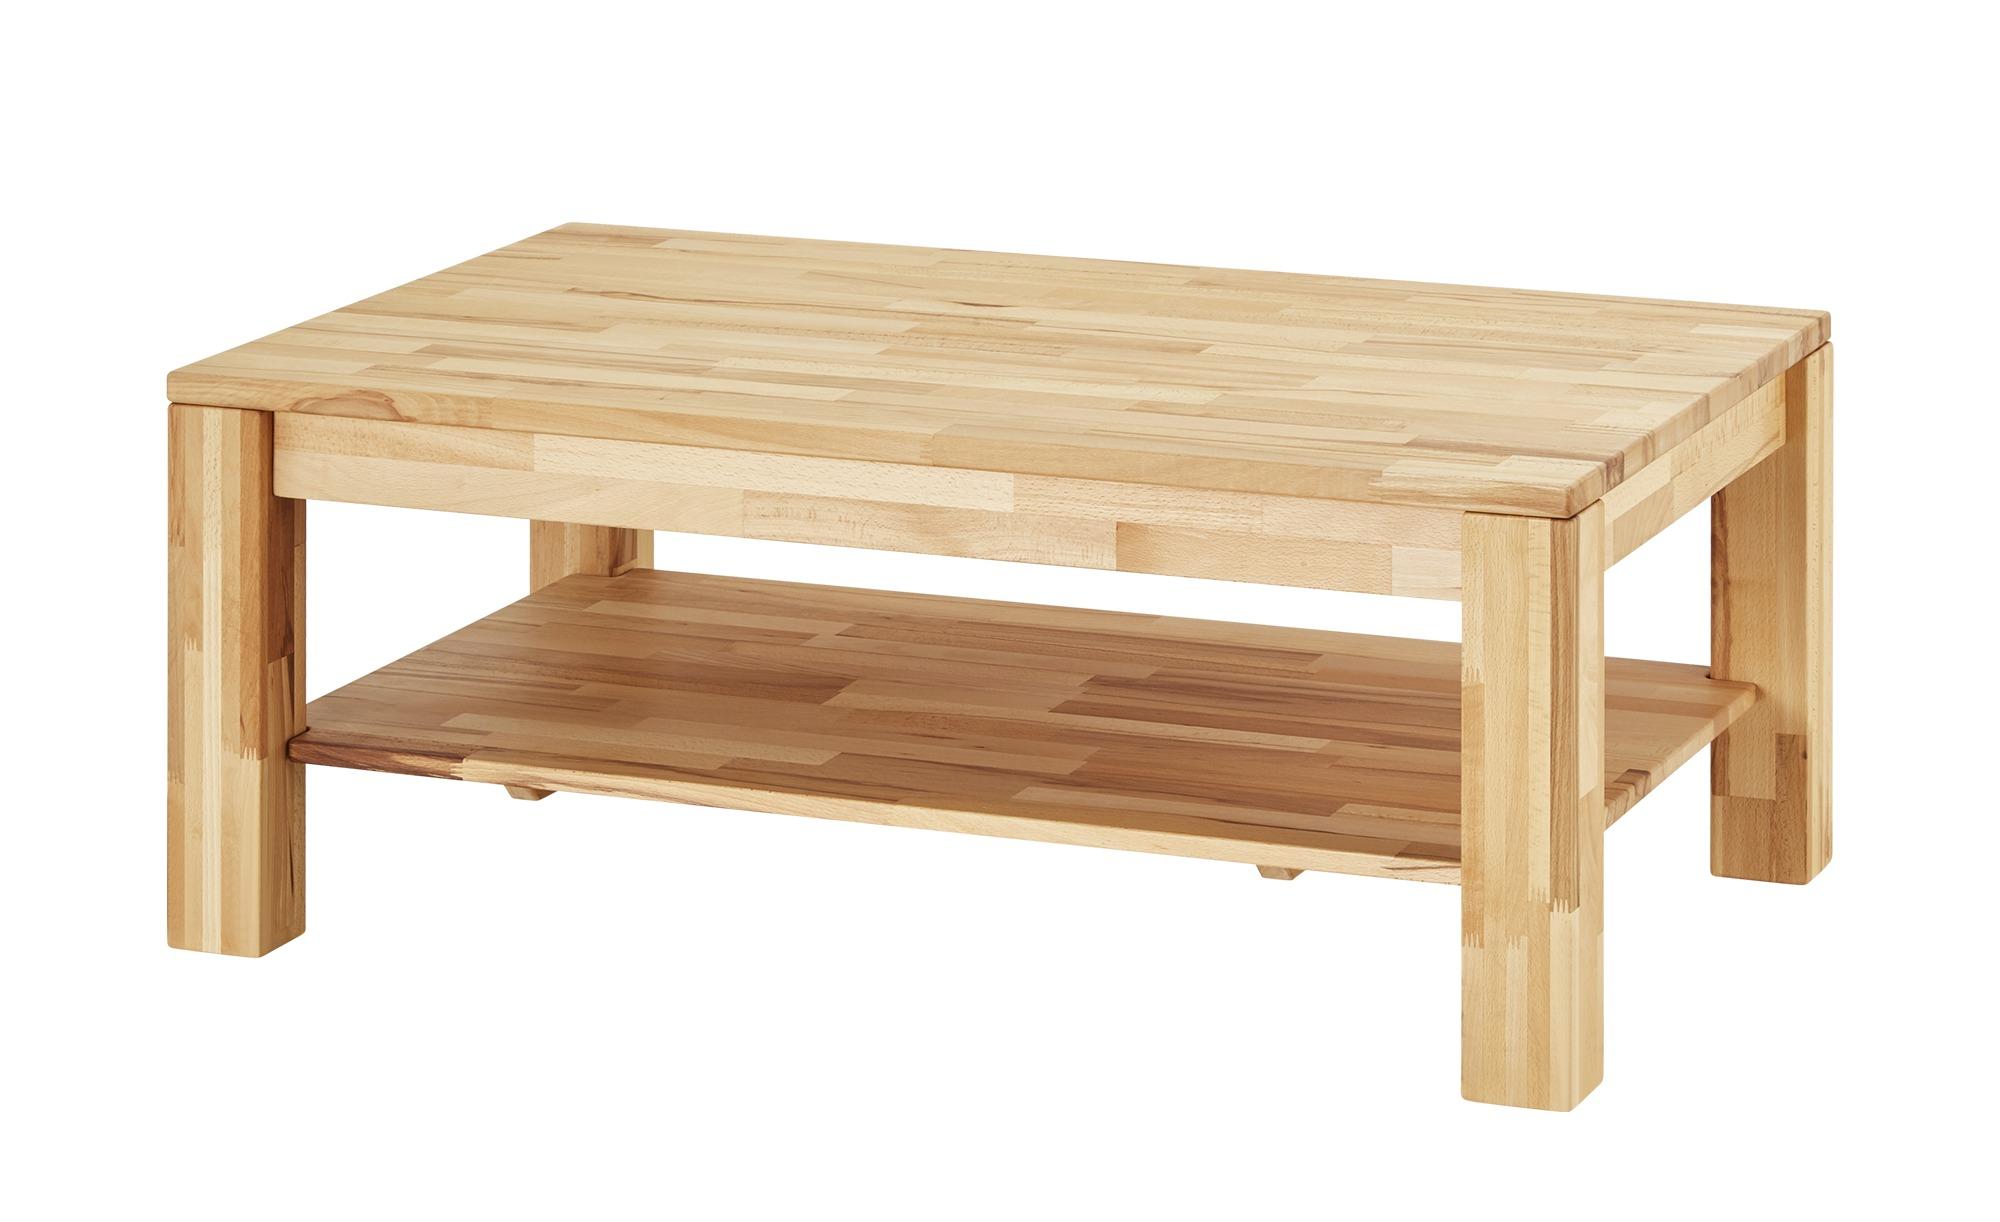 Couchtisch  Dänholm ¦ holzfarben ¦ Maße (cm): B: 70 H: 45 T: 70 Tische > Couchtische > Couchtisch Massivholz - Höffner